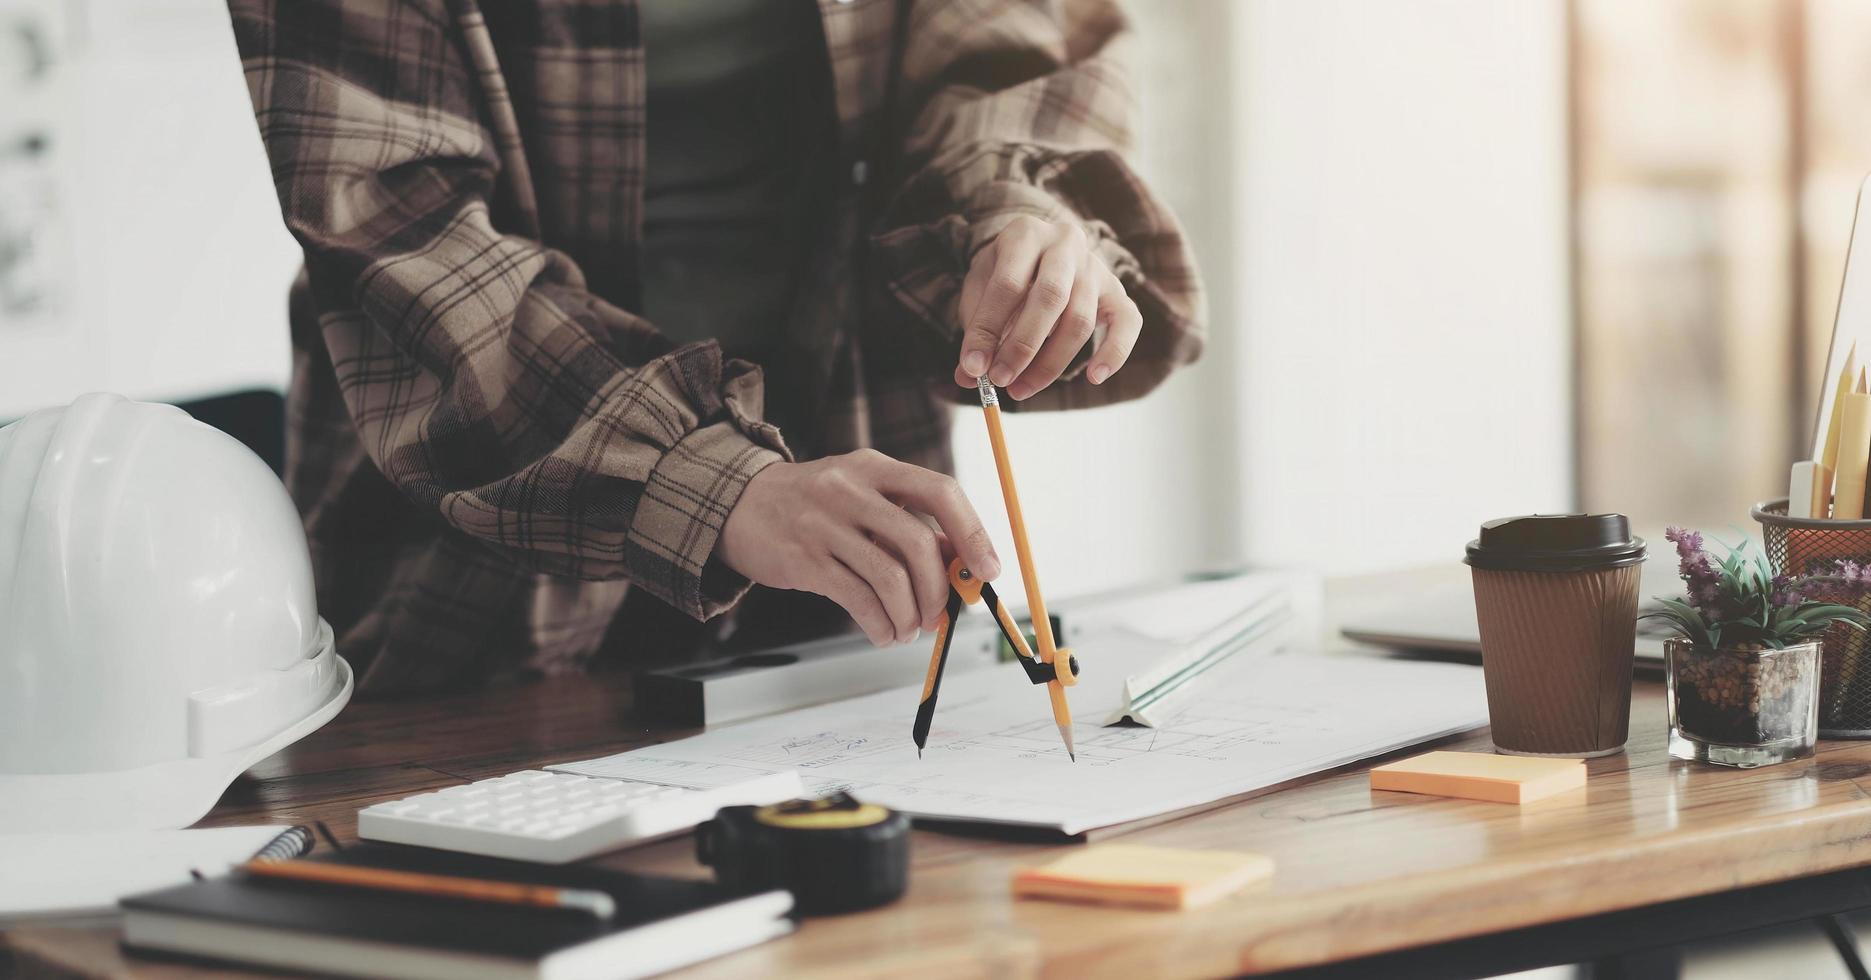 concept architecten, ingenieur met pen aanwijsapparatuur architecten foto